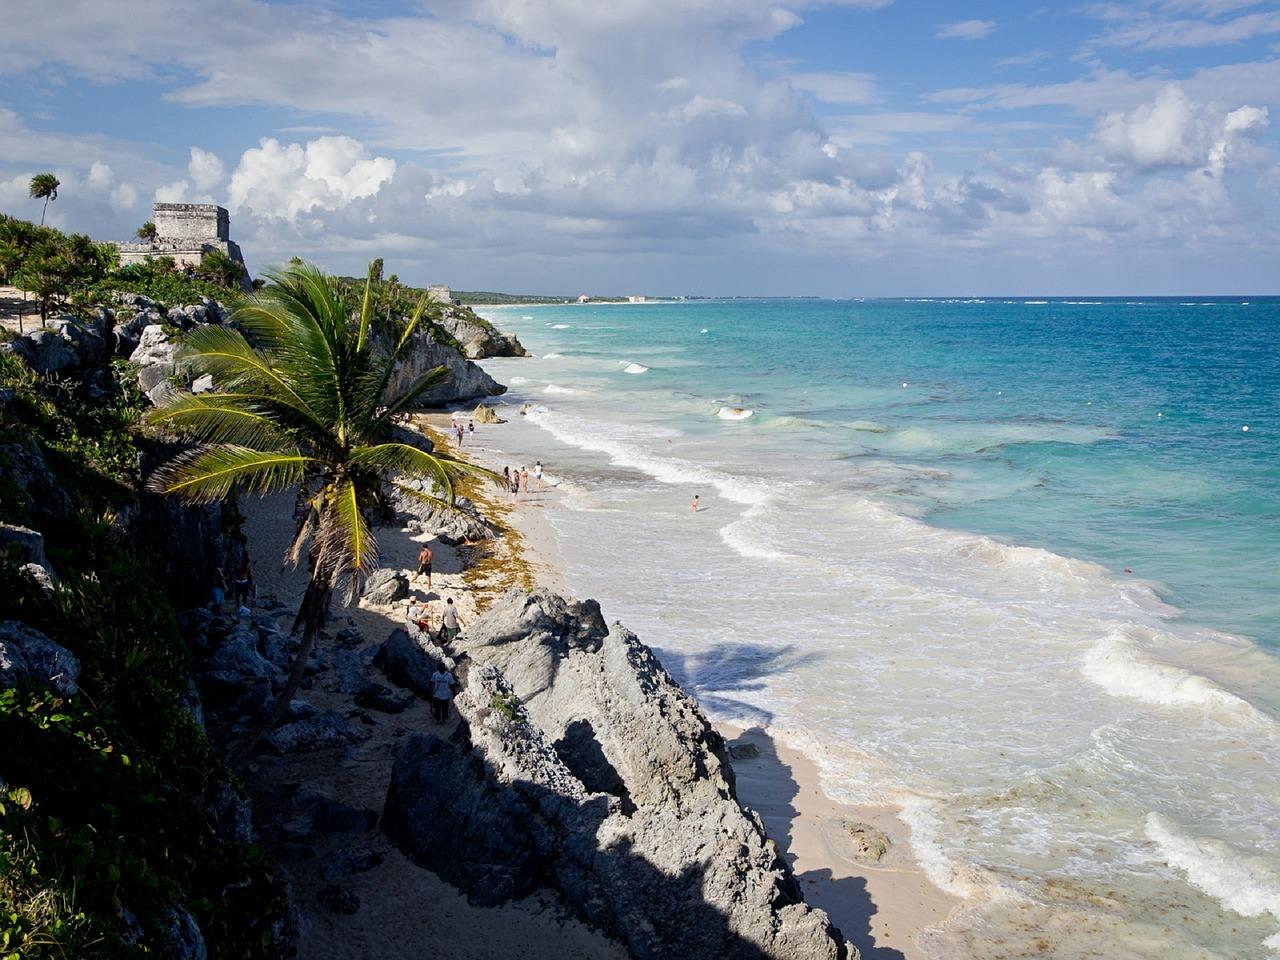 beach-634041_1280